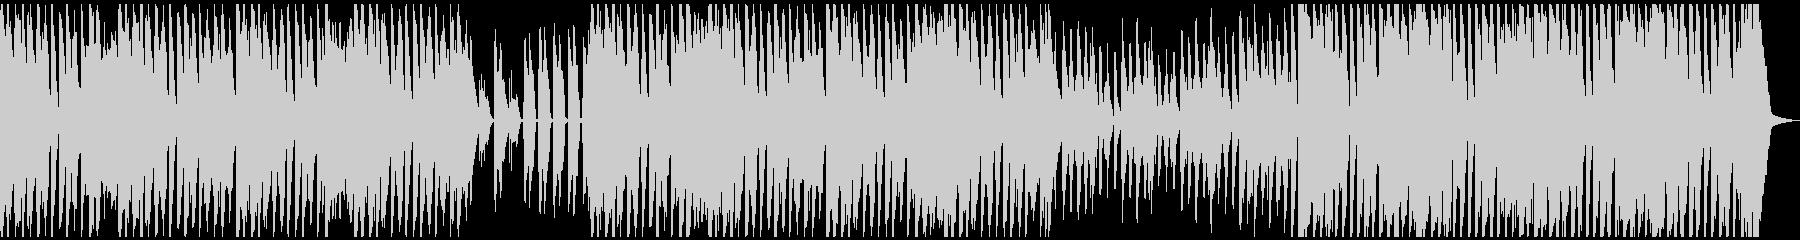 結婚行進曲のアレンジ 2分弱ロングVerの未再生の波形